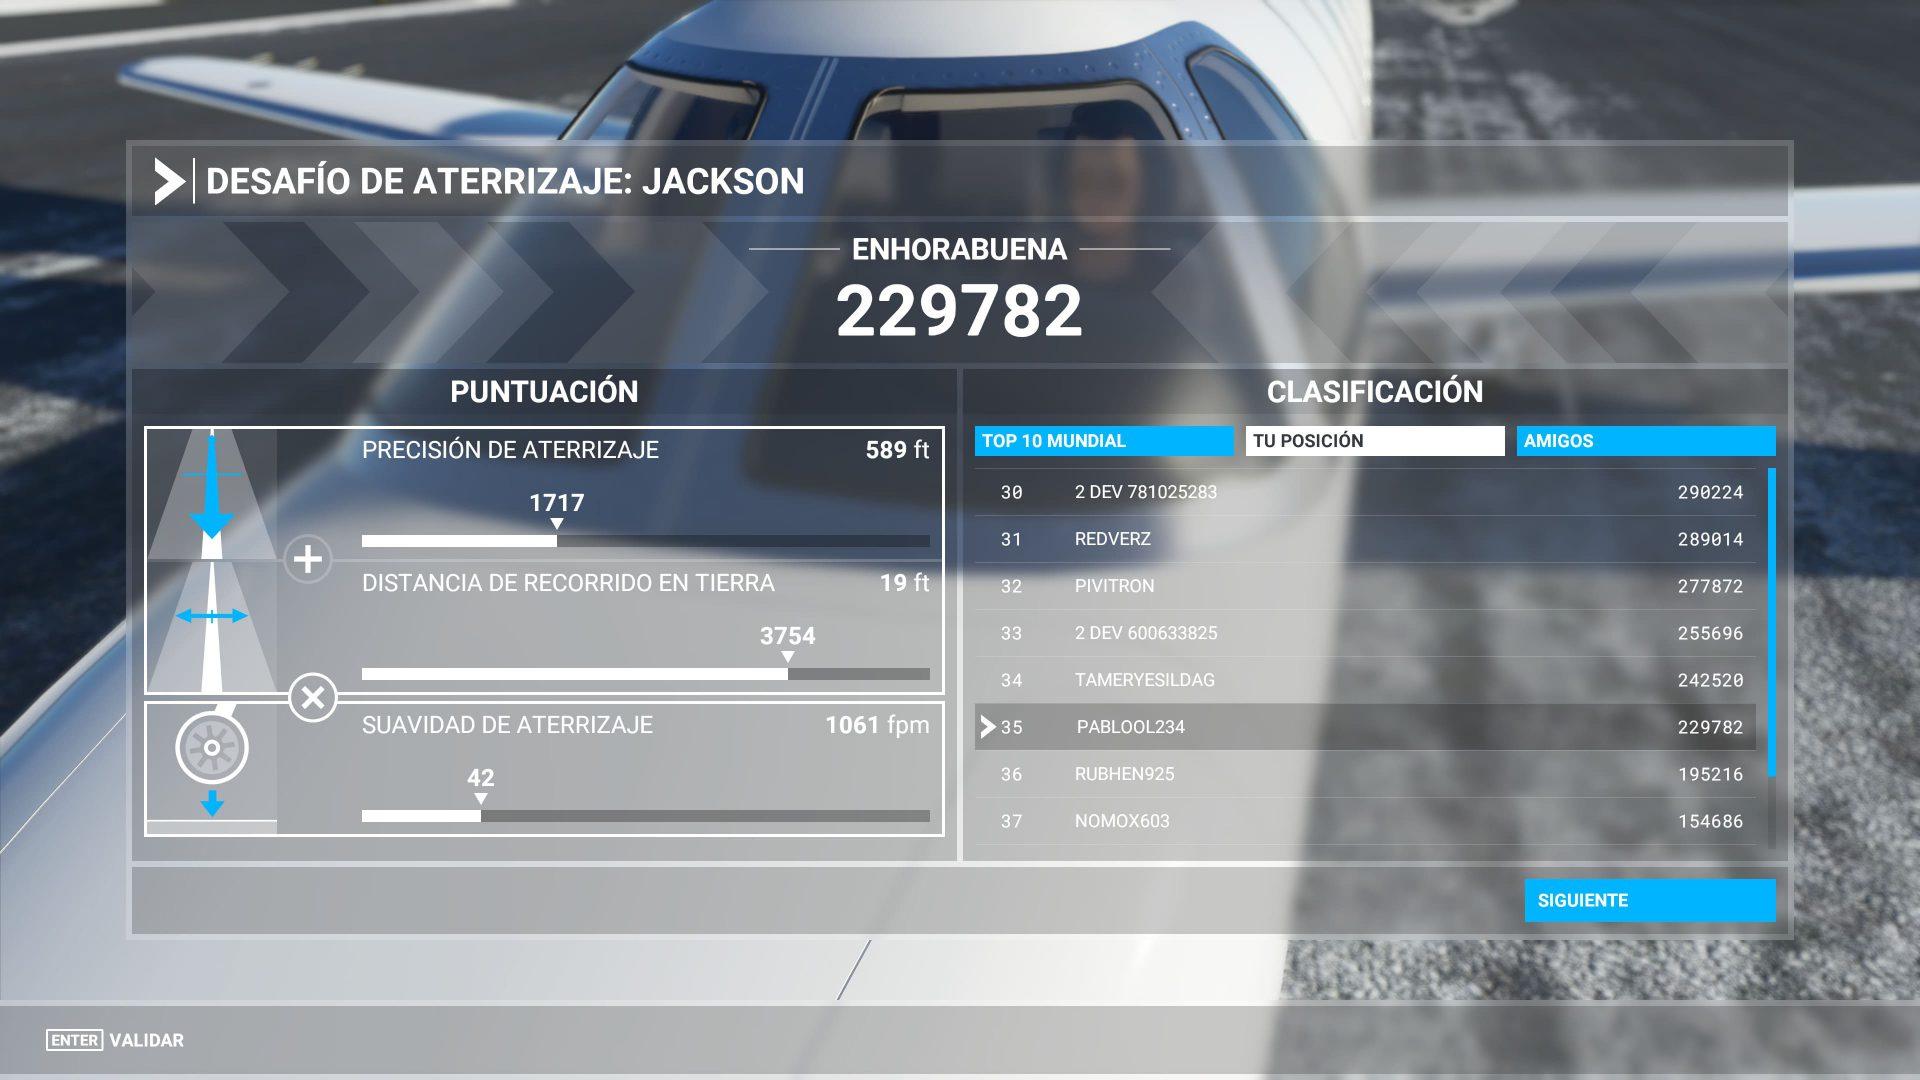 Desafio de aterrizaje completado, puntuación y clasificación